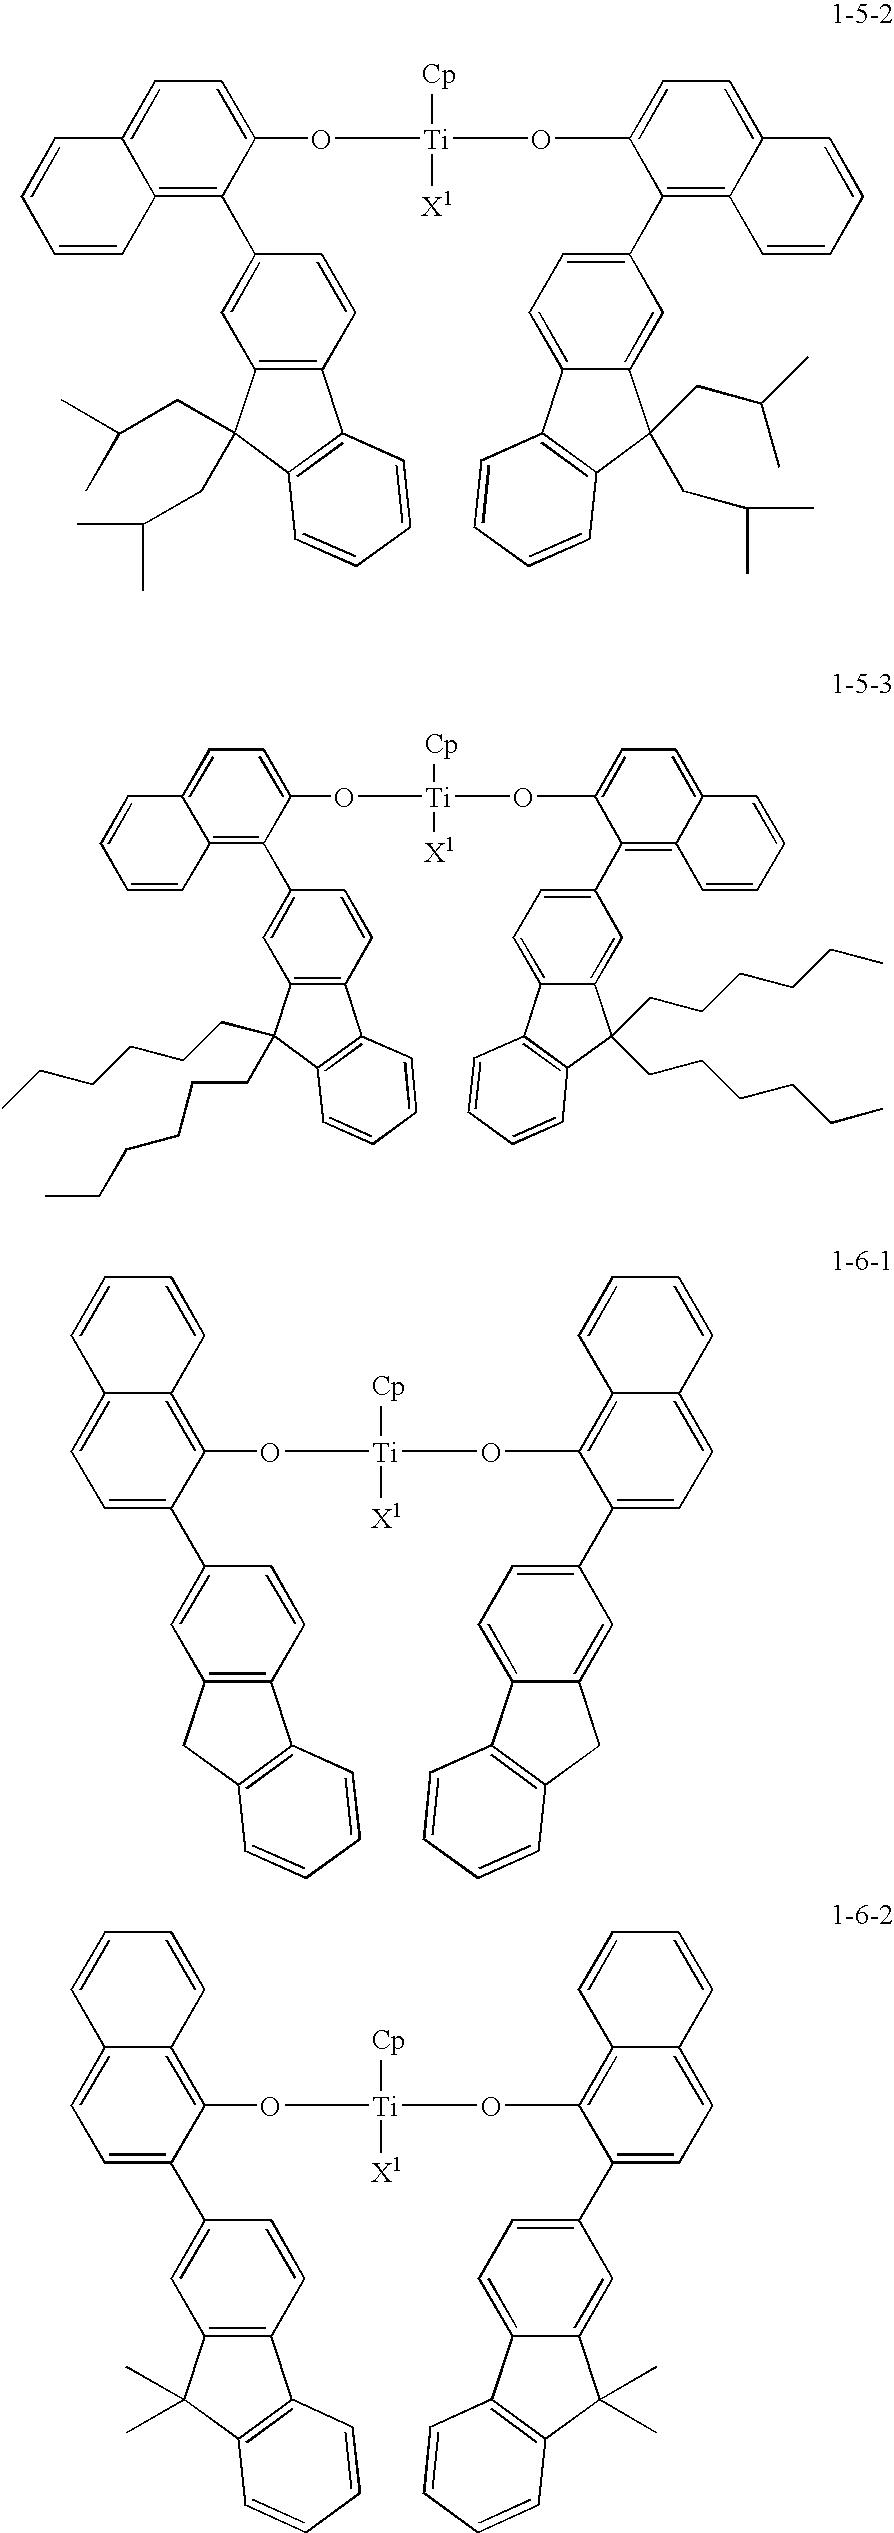 Figure US20100081776A1-20100401-C00043